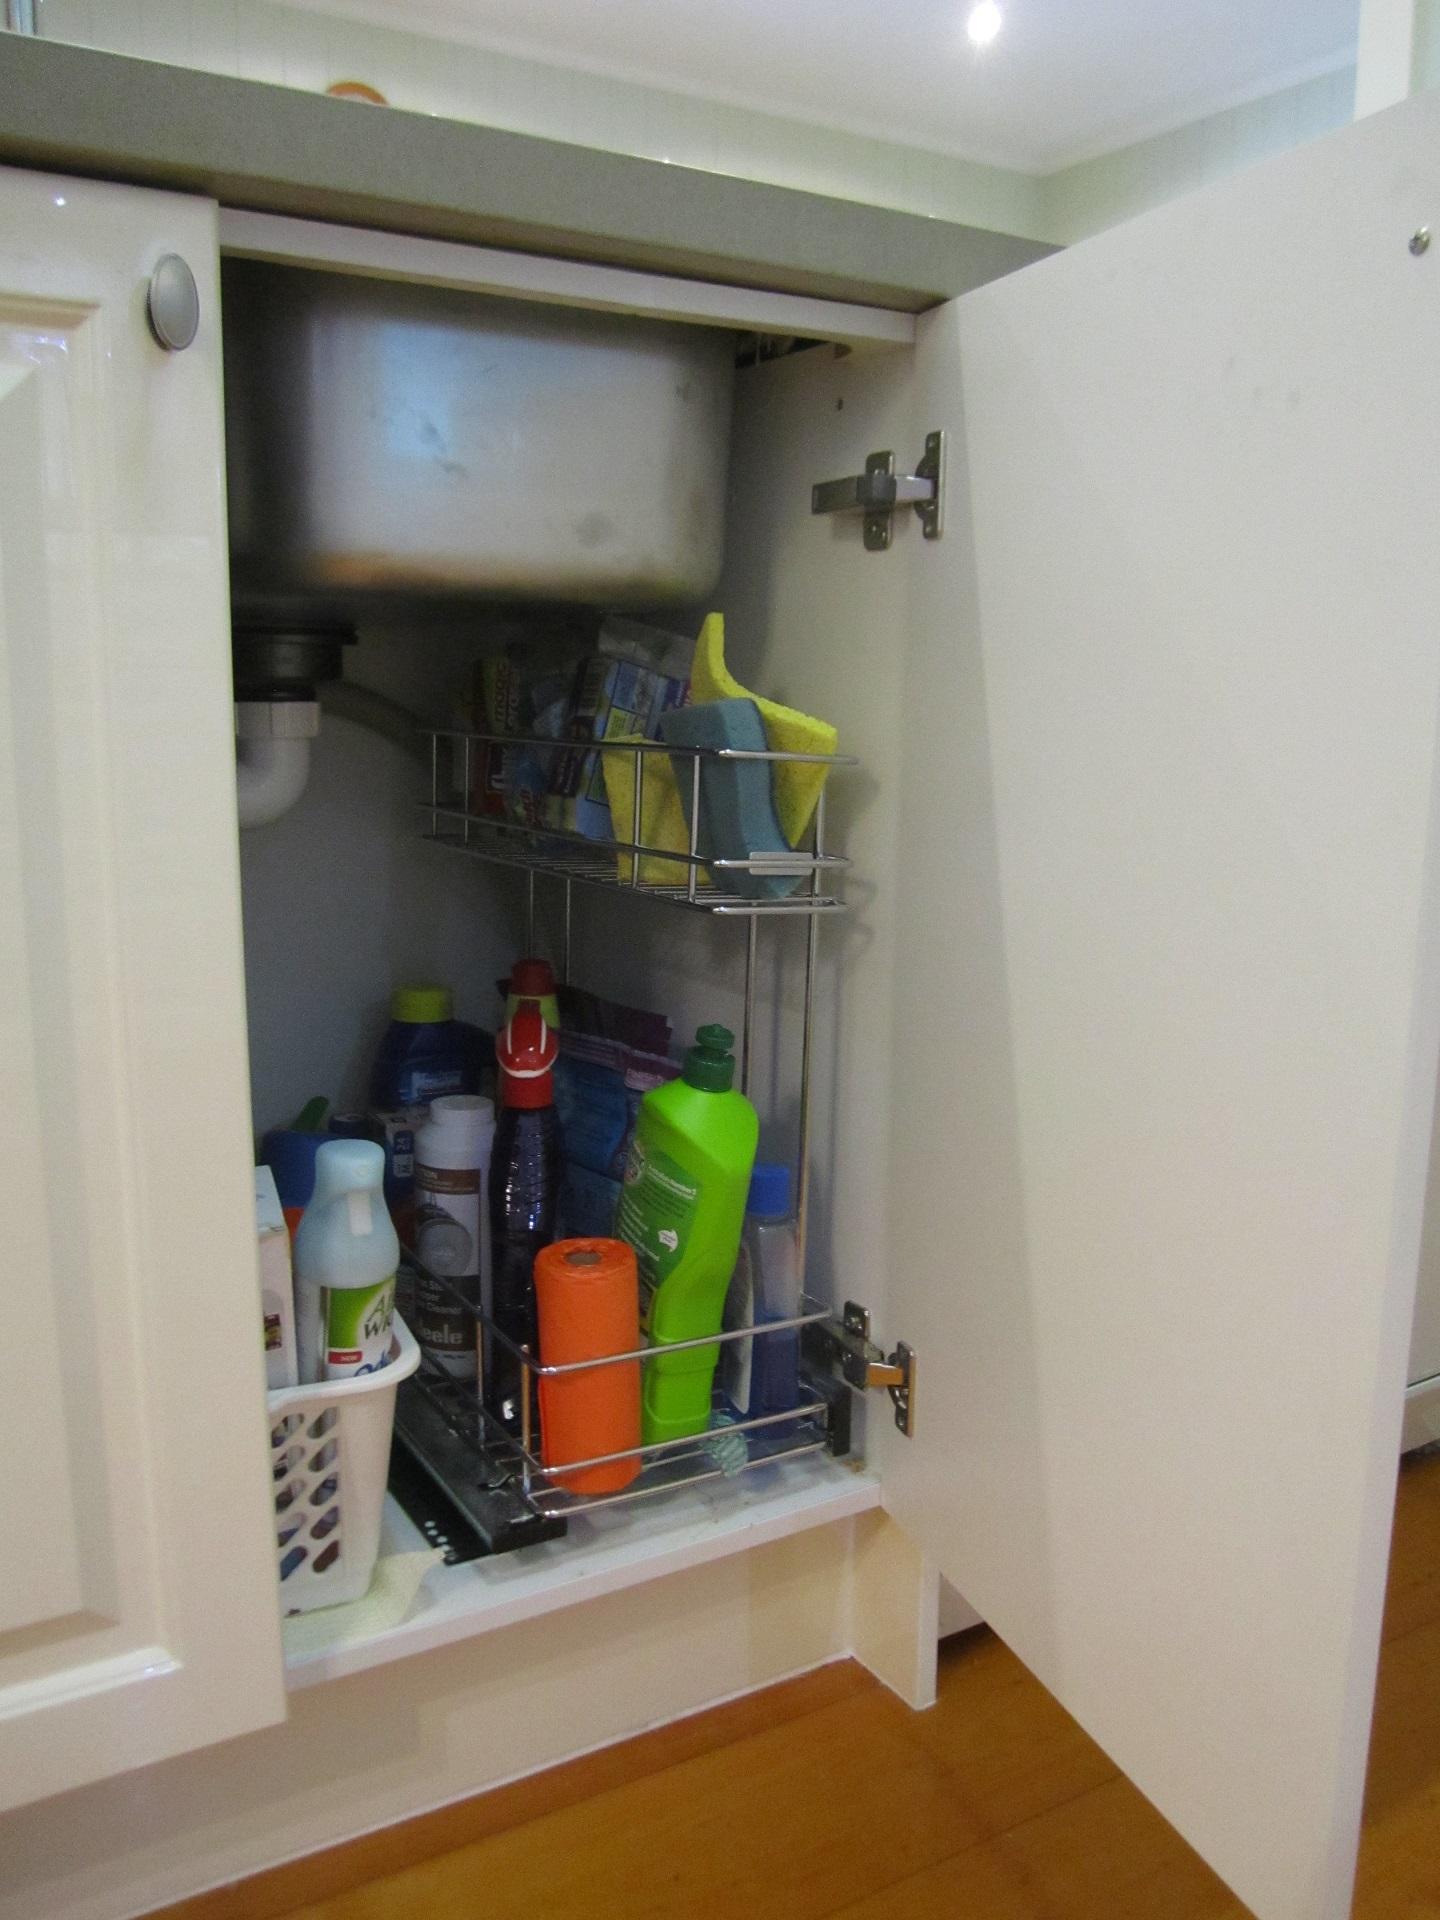 brisbane-kitchen-design-paddington-traditional-kitchen-renovation9